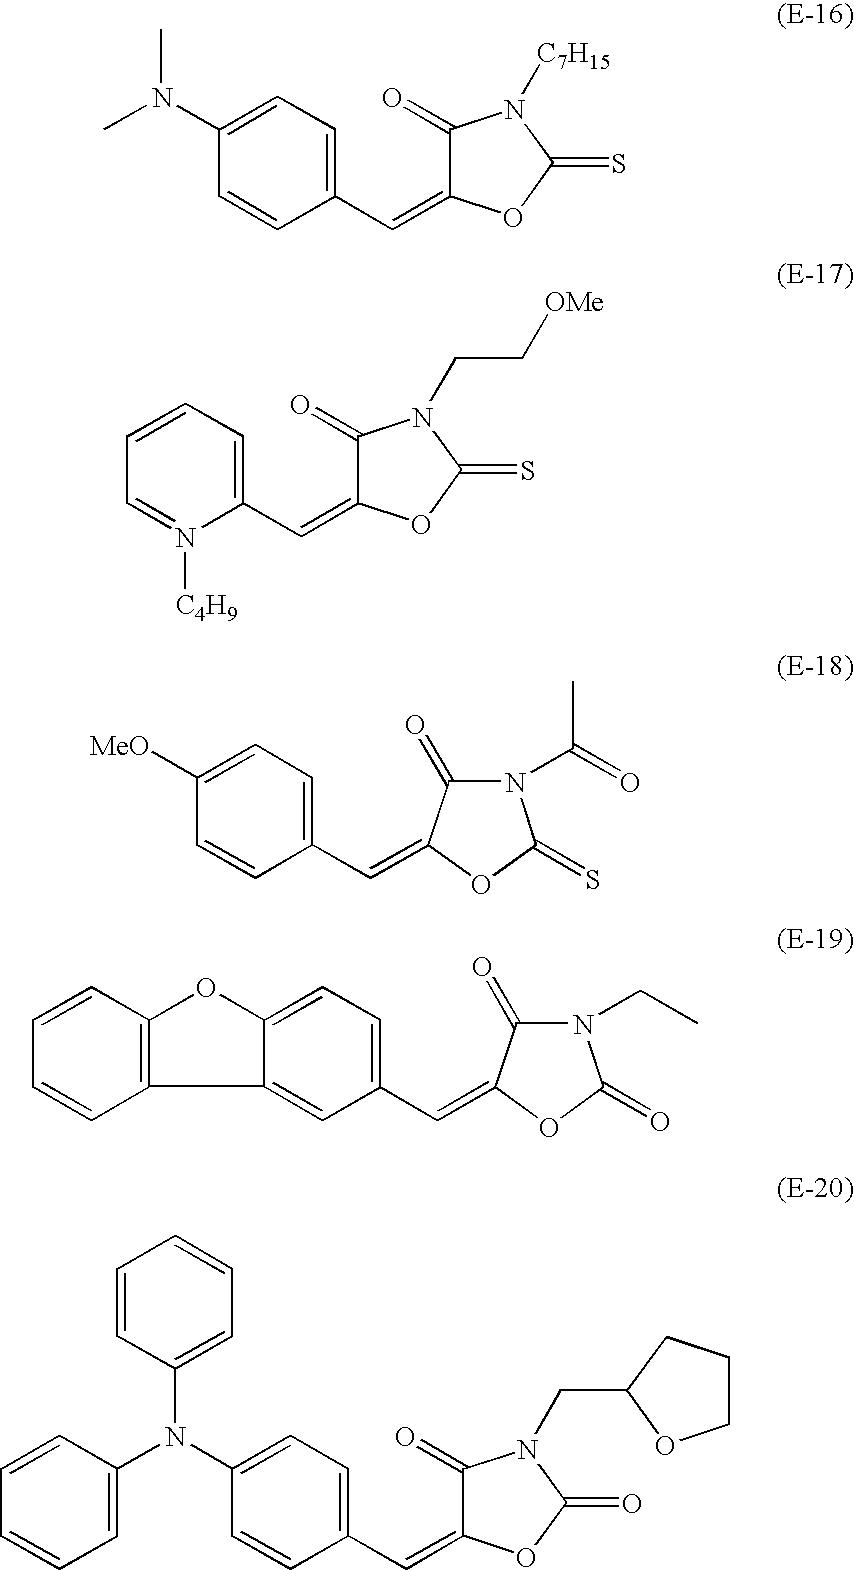 Figure US20090244116A1-20091001-C00025